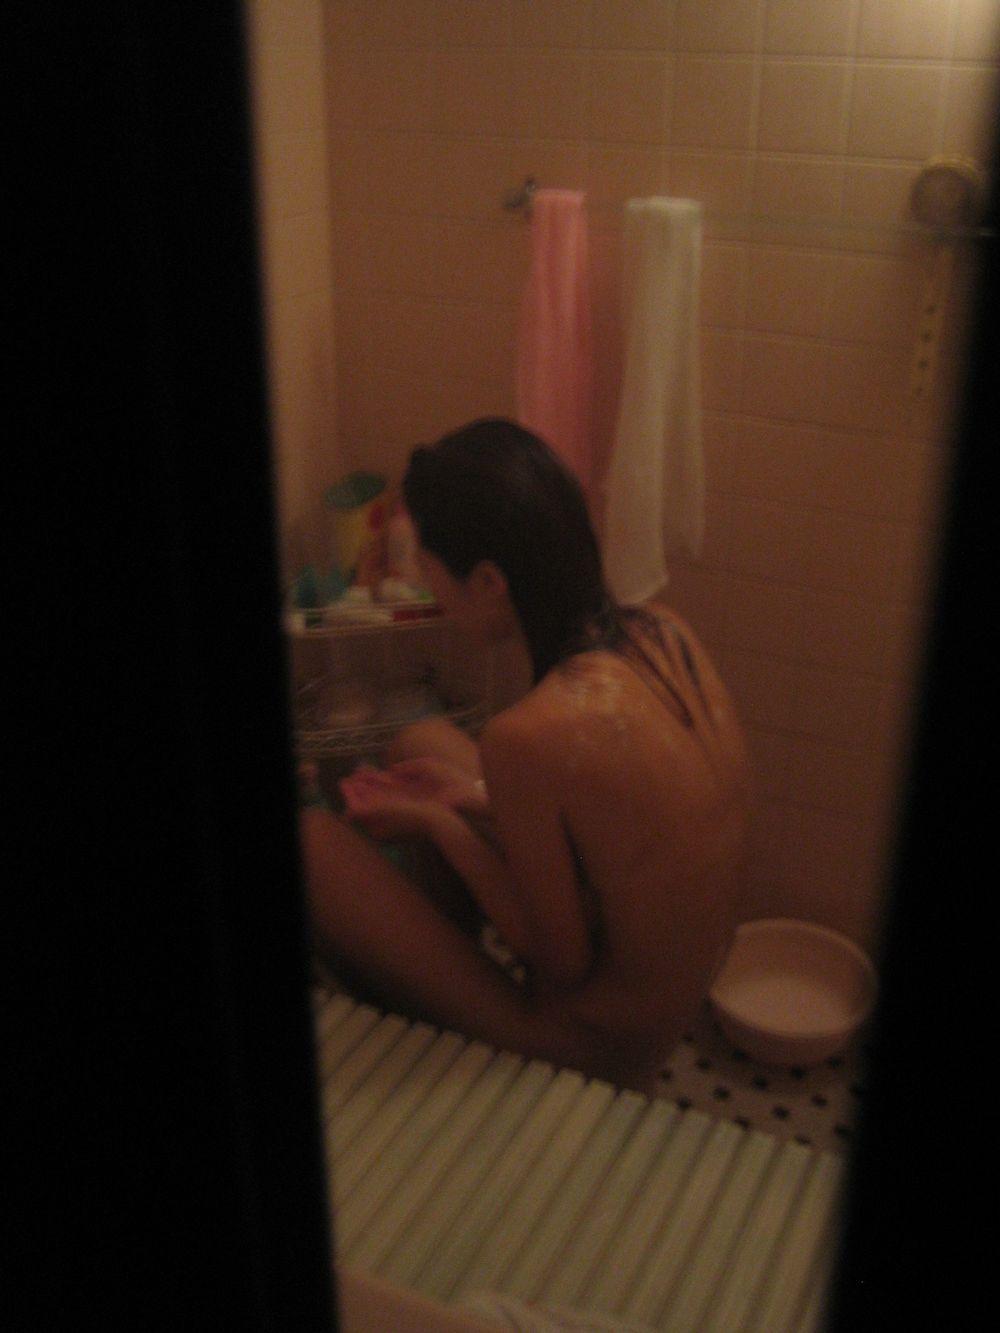 素っ裸で入浴中の素人女性 (12)